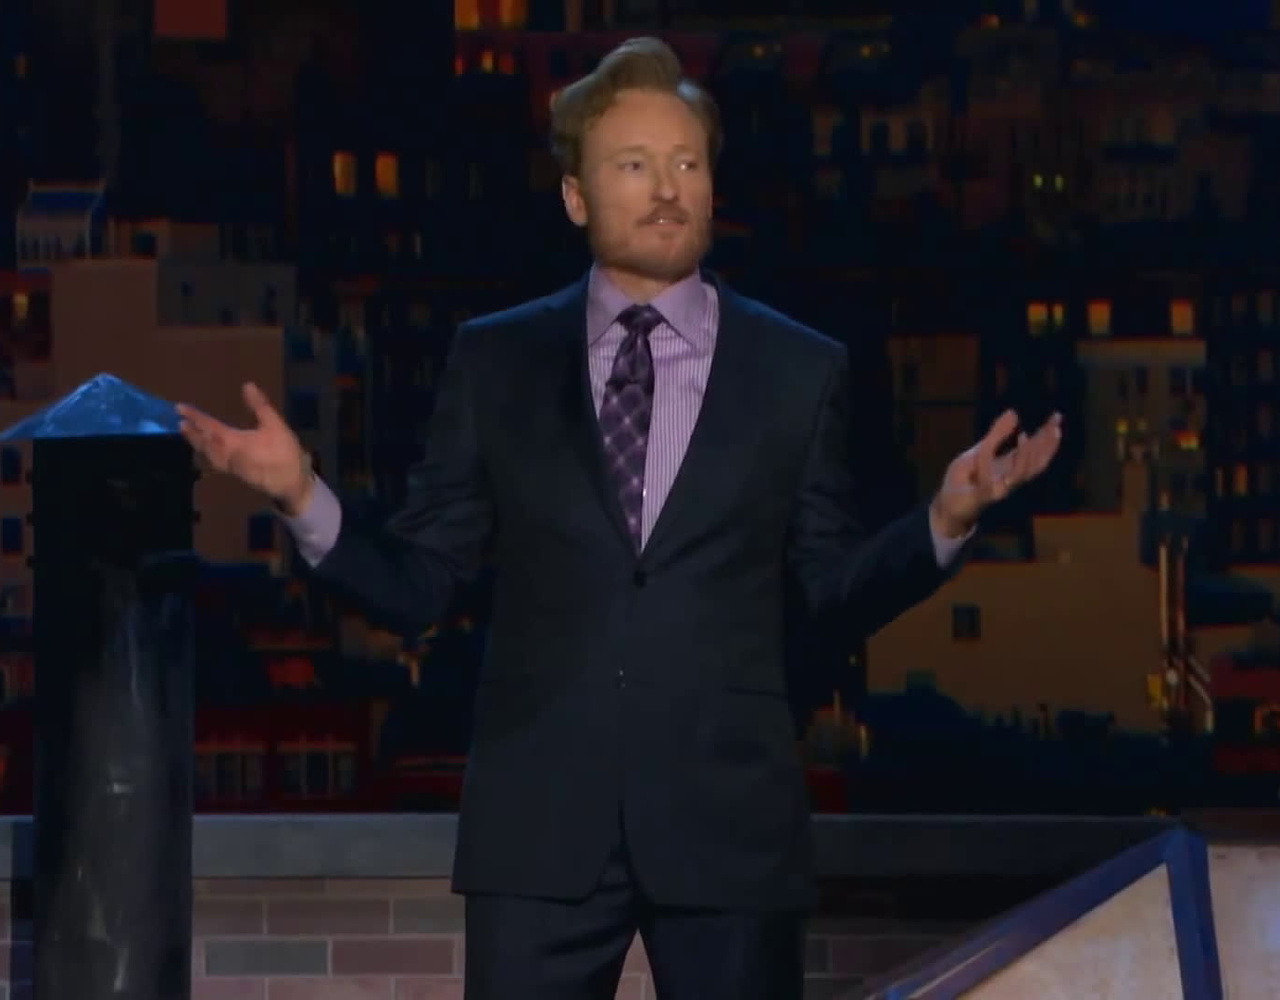 柯南秀Conan O'Brien- NYC Pedicab Driver